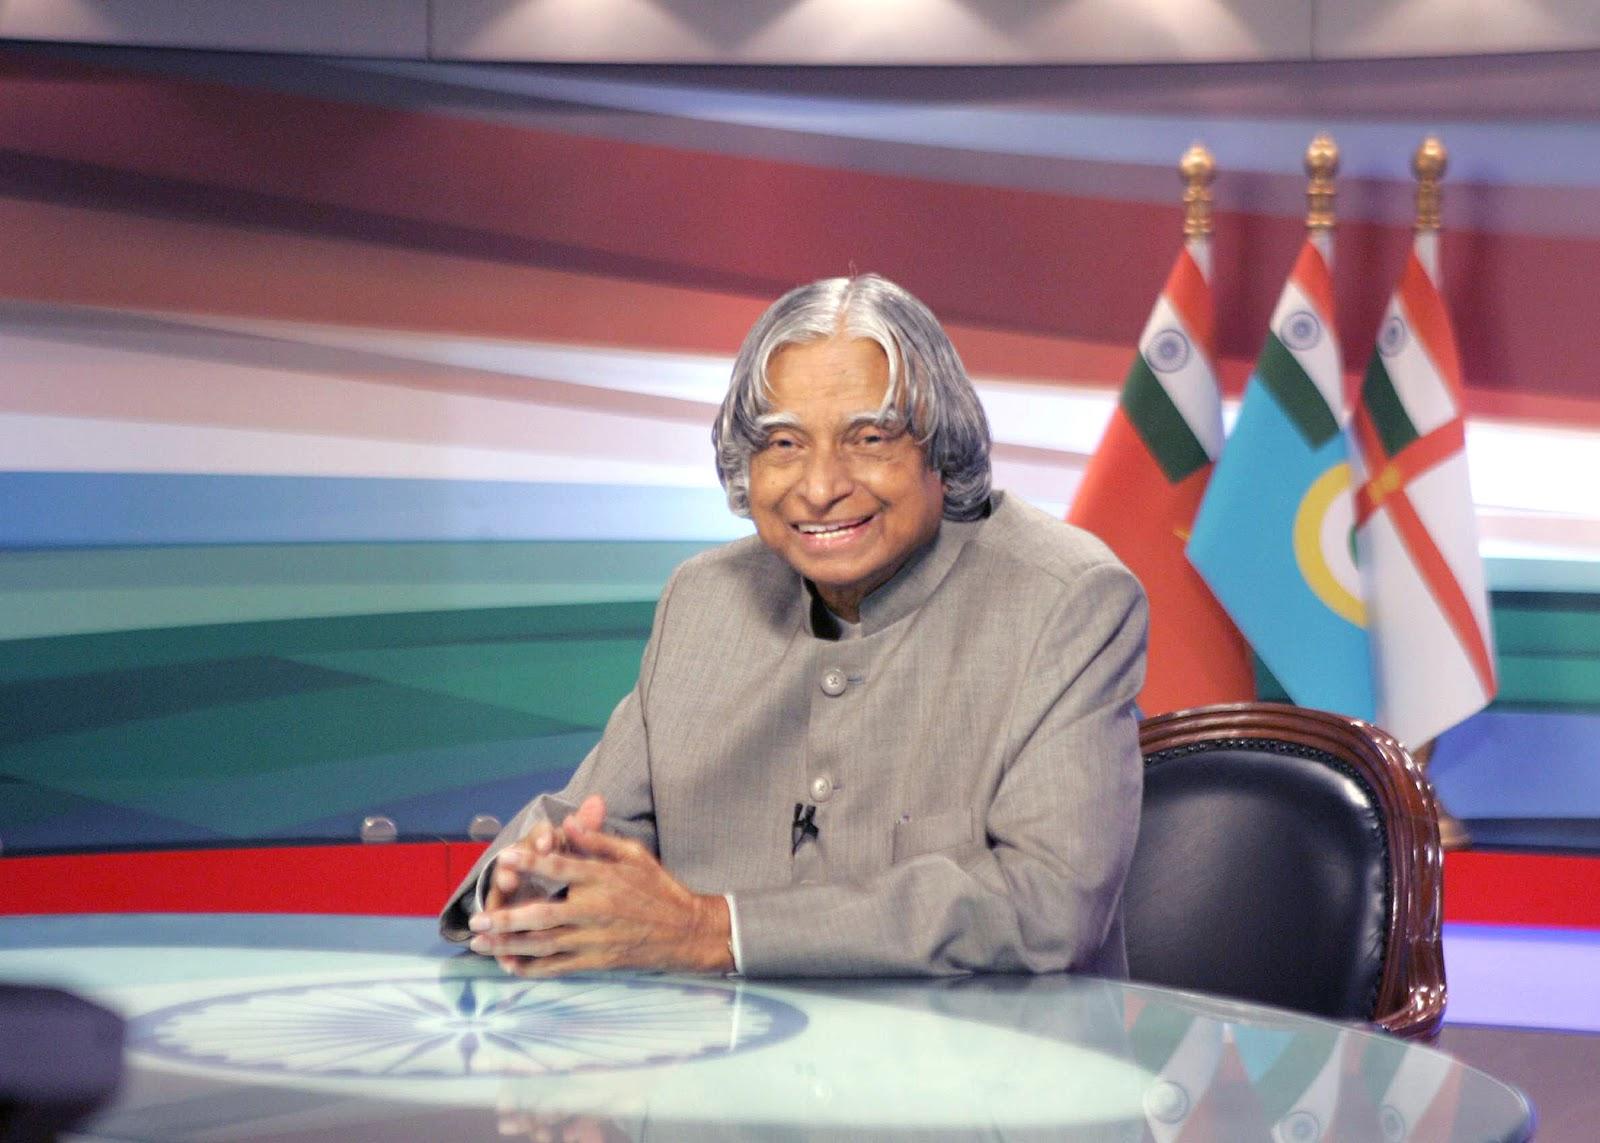 Biography Of A P J Abdul Kalam